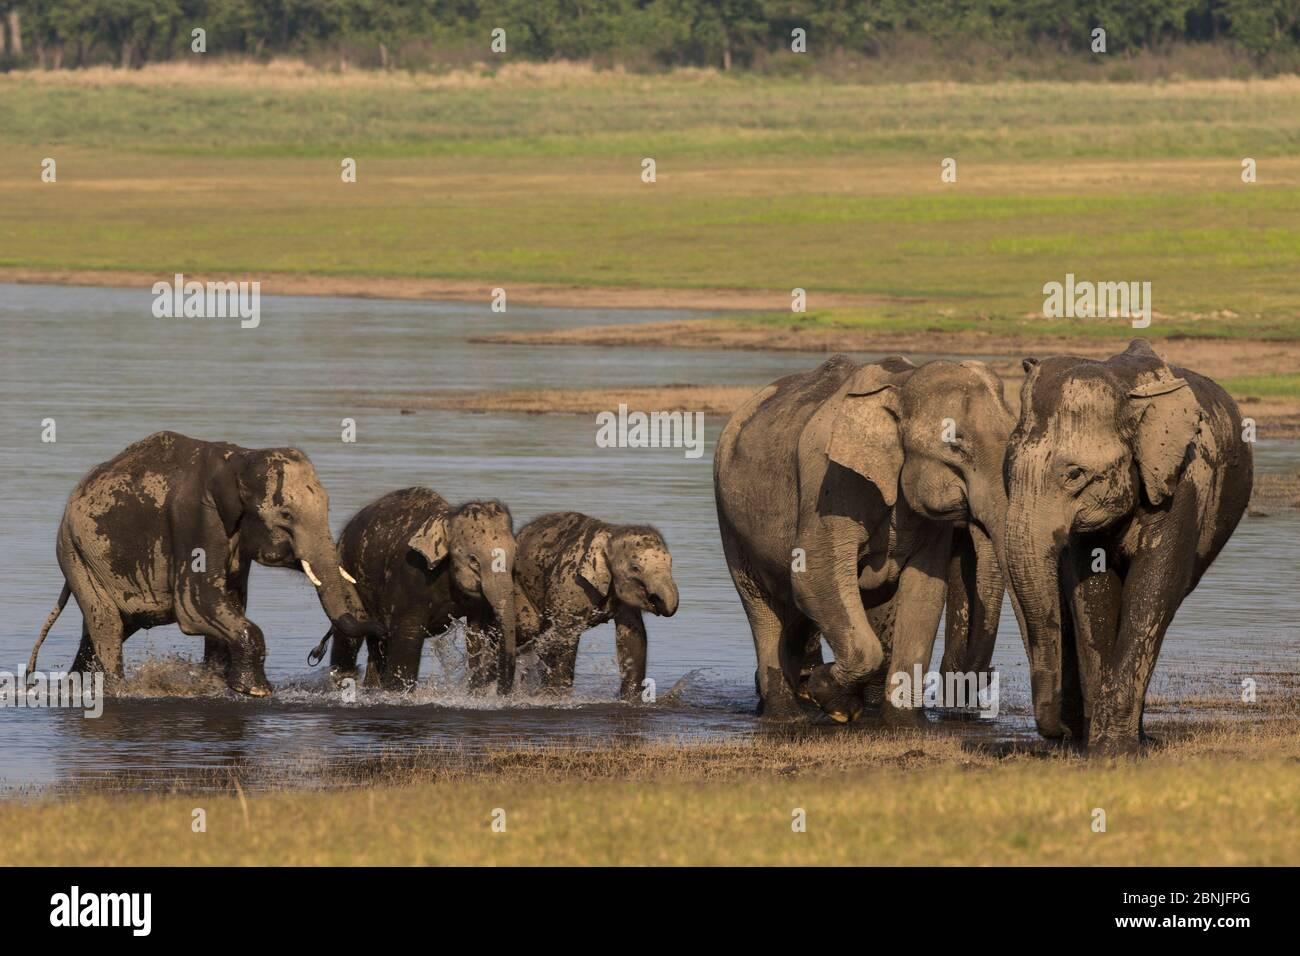 Asiatischer Elefant (Elephas maximus), Familienwasser und Baden, Jim Corbett Nationalpark, Indien. Stockfoto